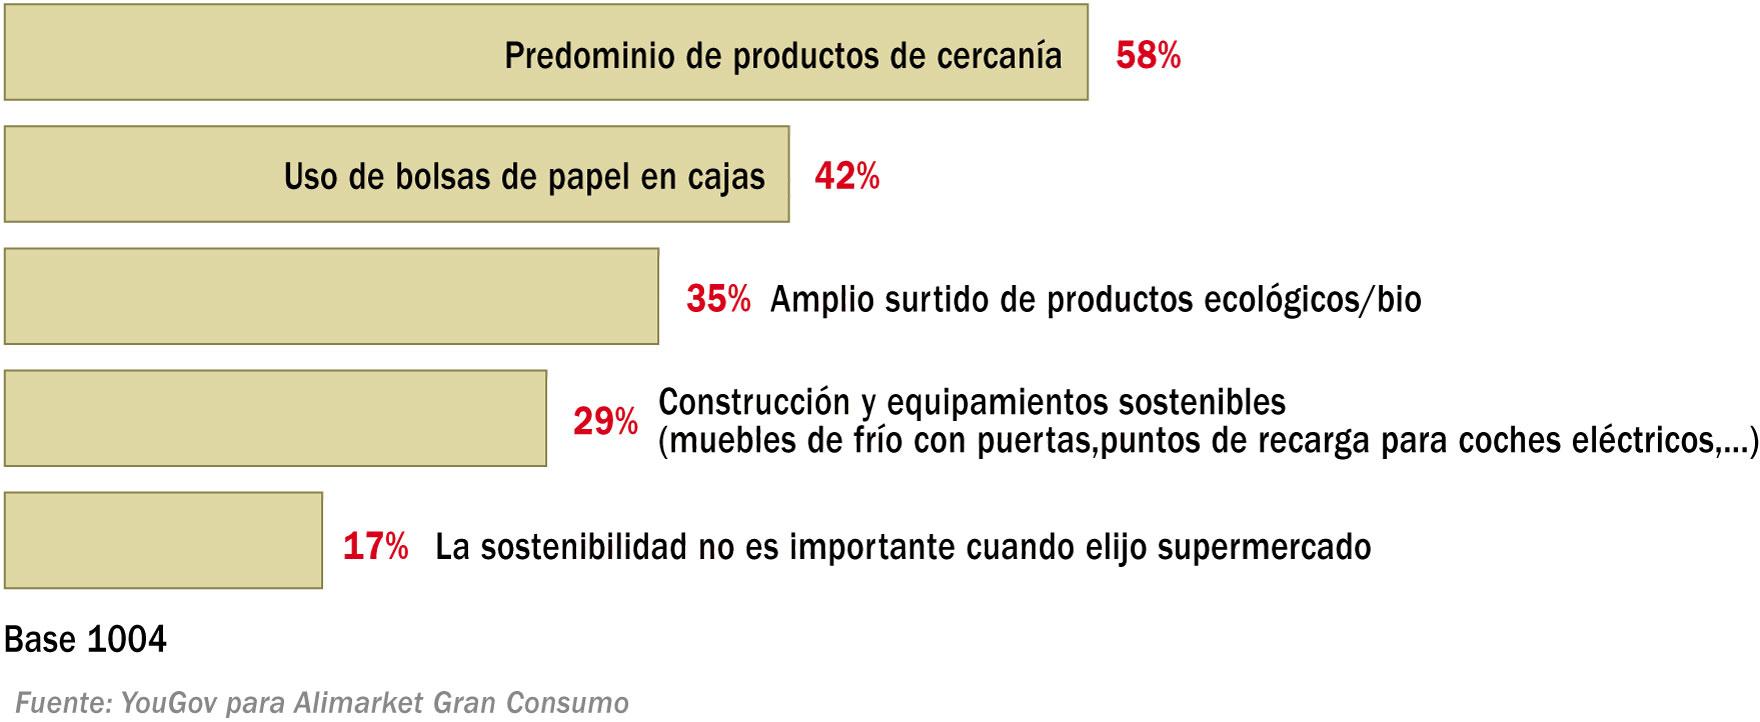 Importancia de los factores de sostenibilidad para elegir supermercado